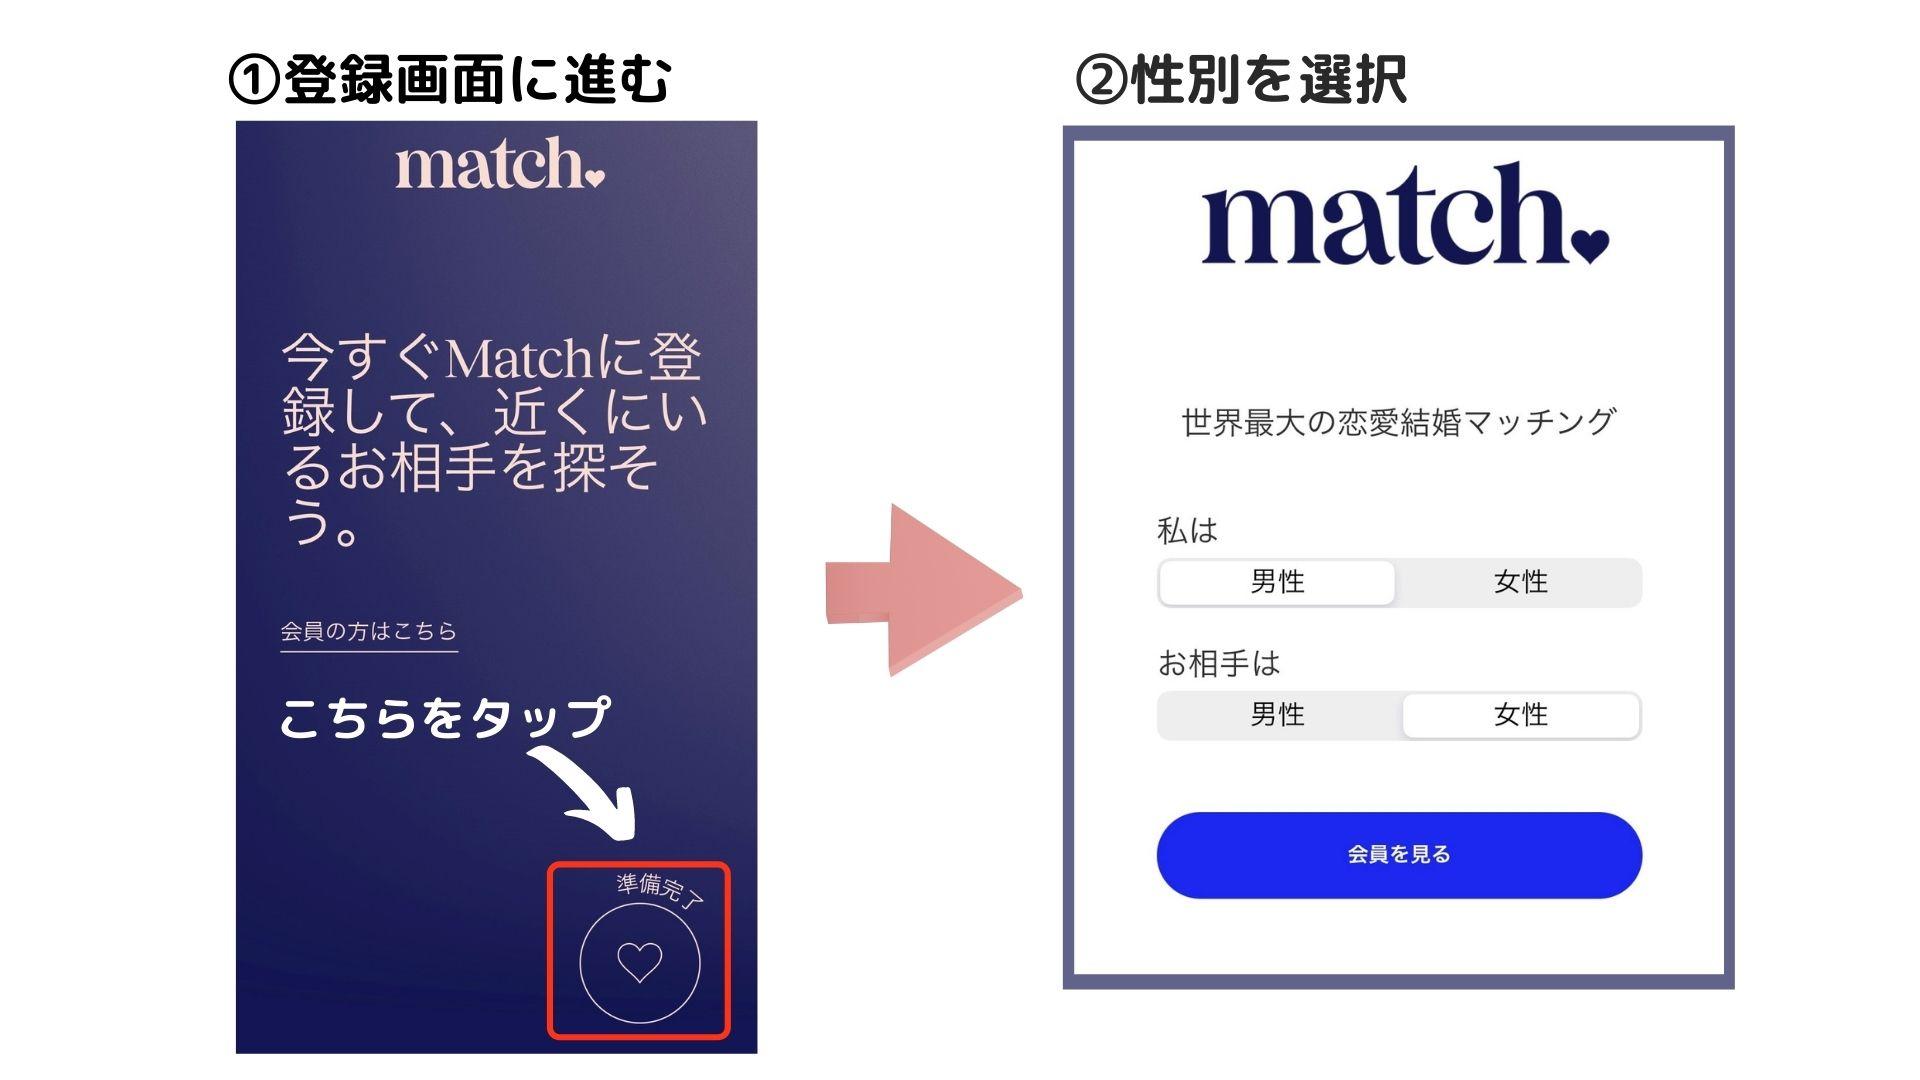 マッチドットコムの会員登録の手順①②